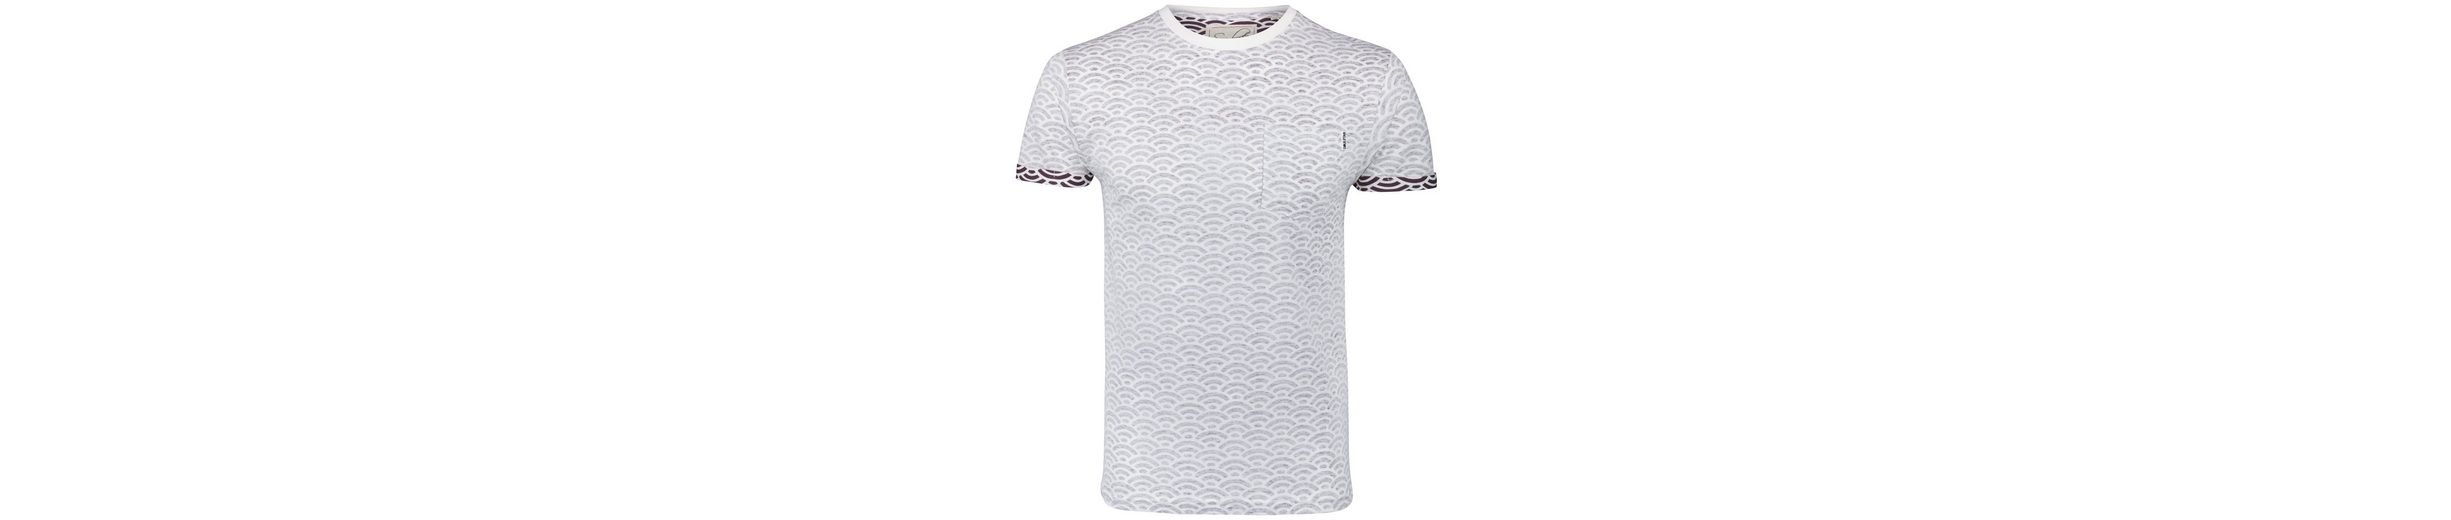 SOULSTAR T-Shirt Steckdose Mit Master Finish Günstiger Preis nV8uXel9